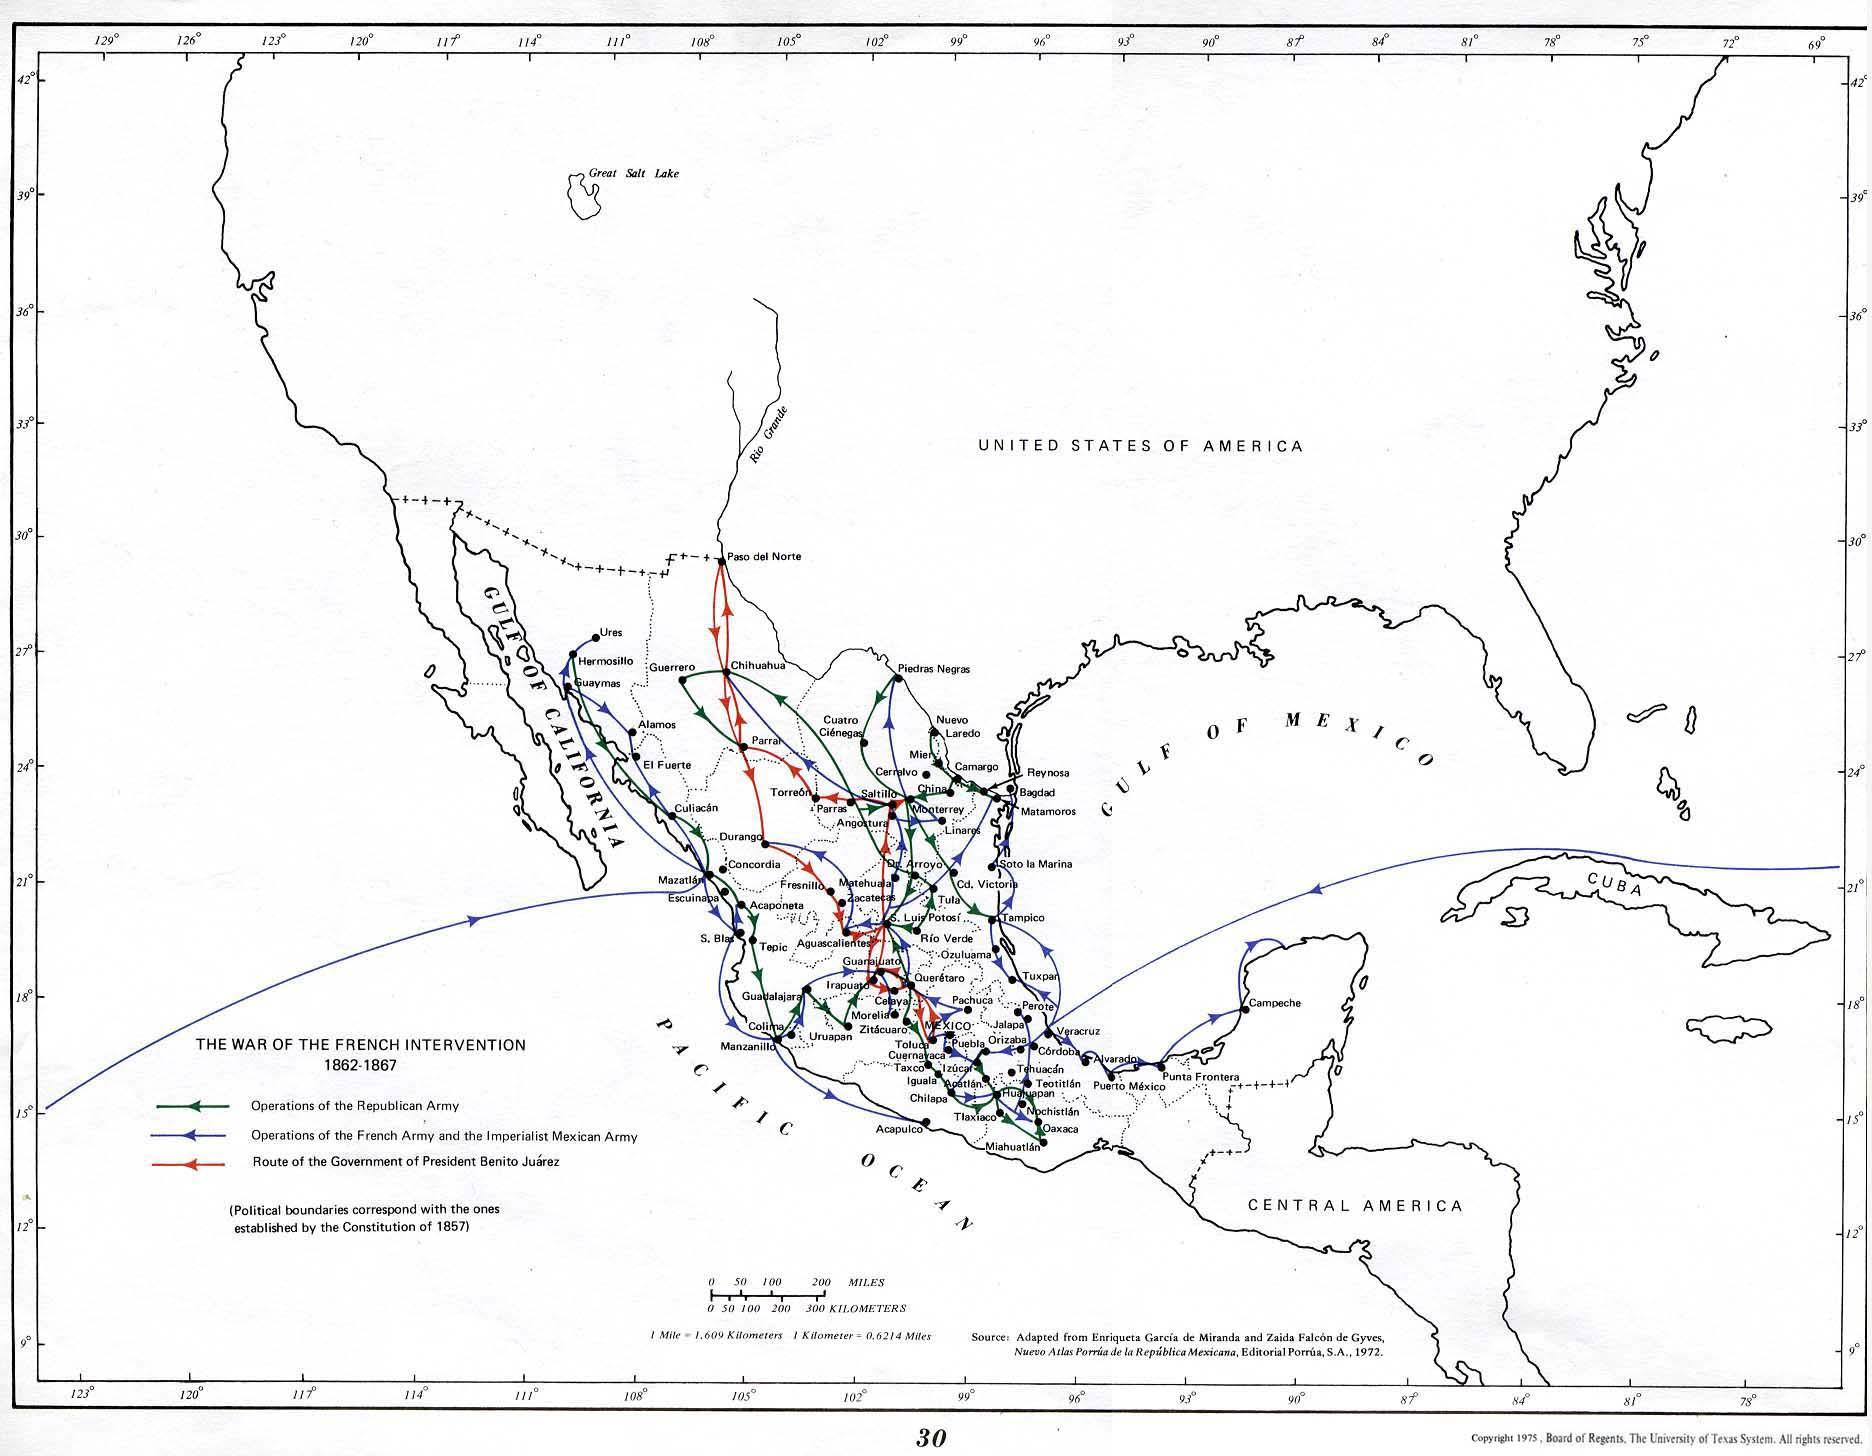 Mapa de la Guerra de Intervención Francesa, México 1862 - 1867